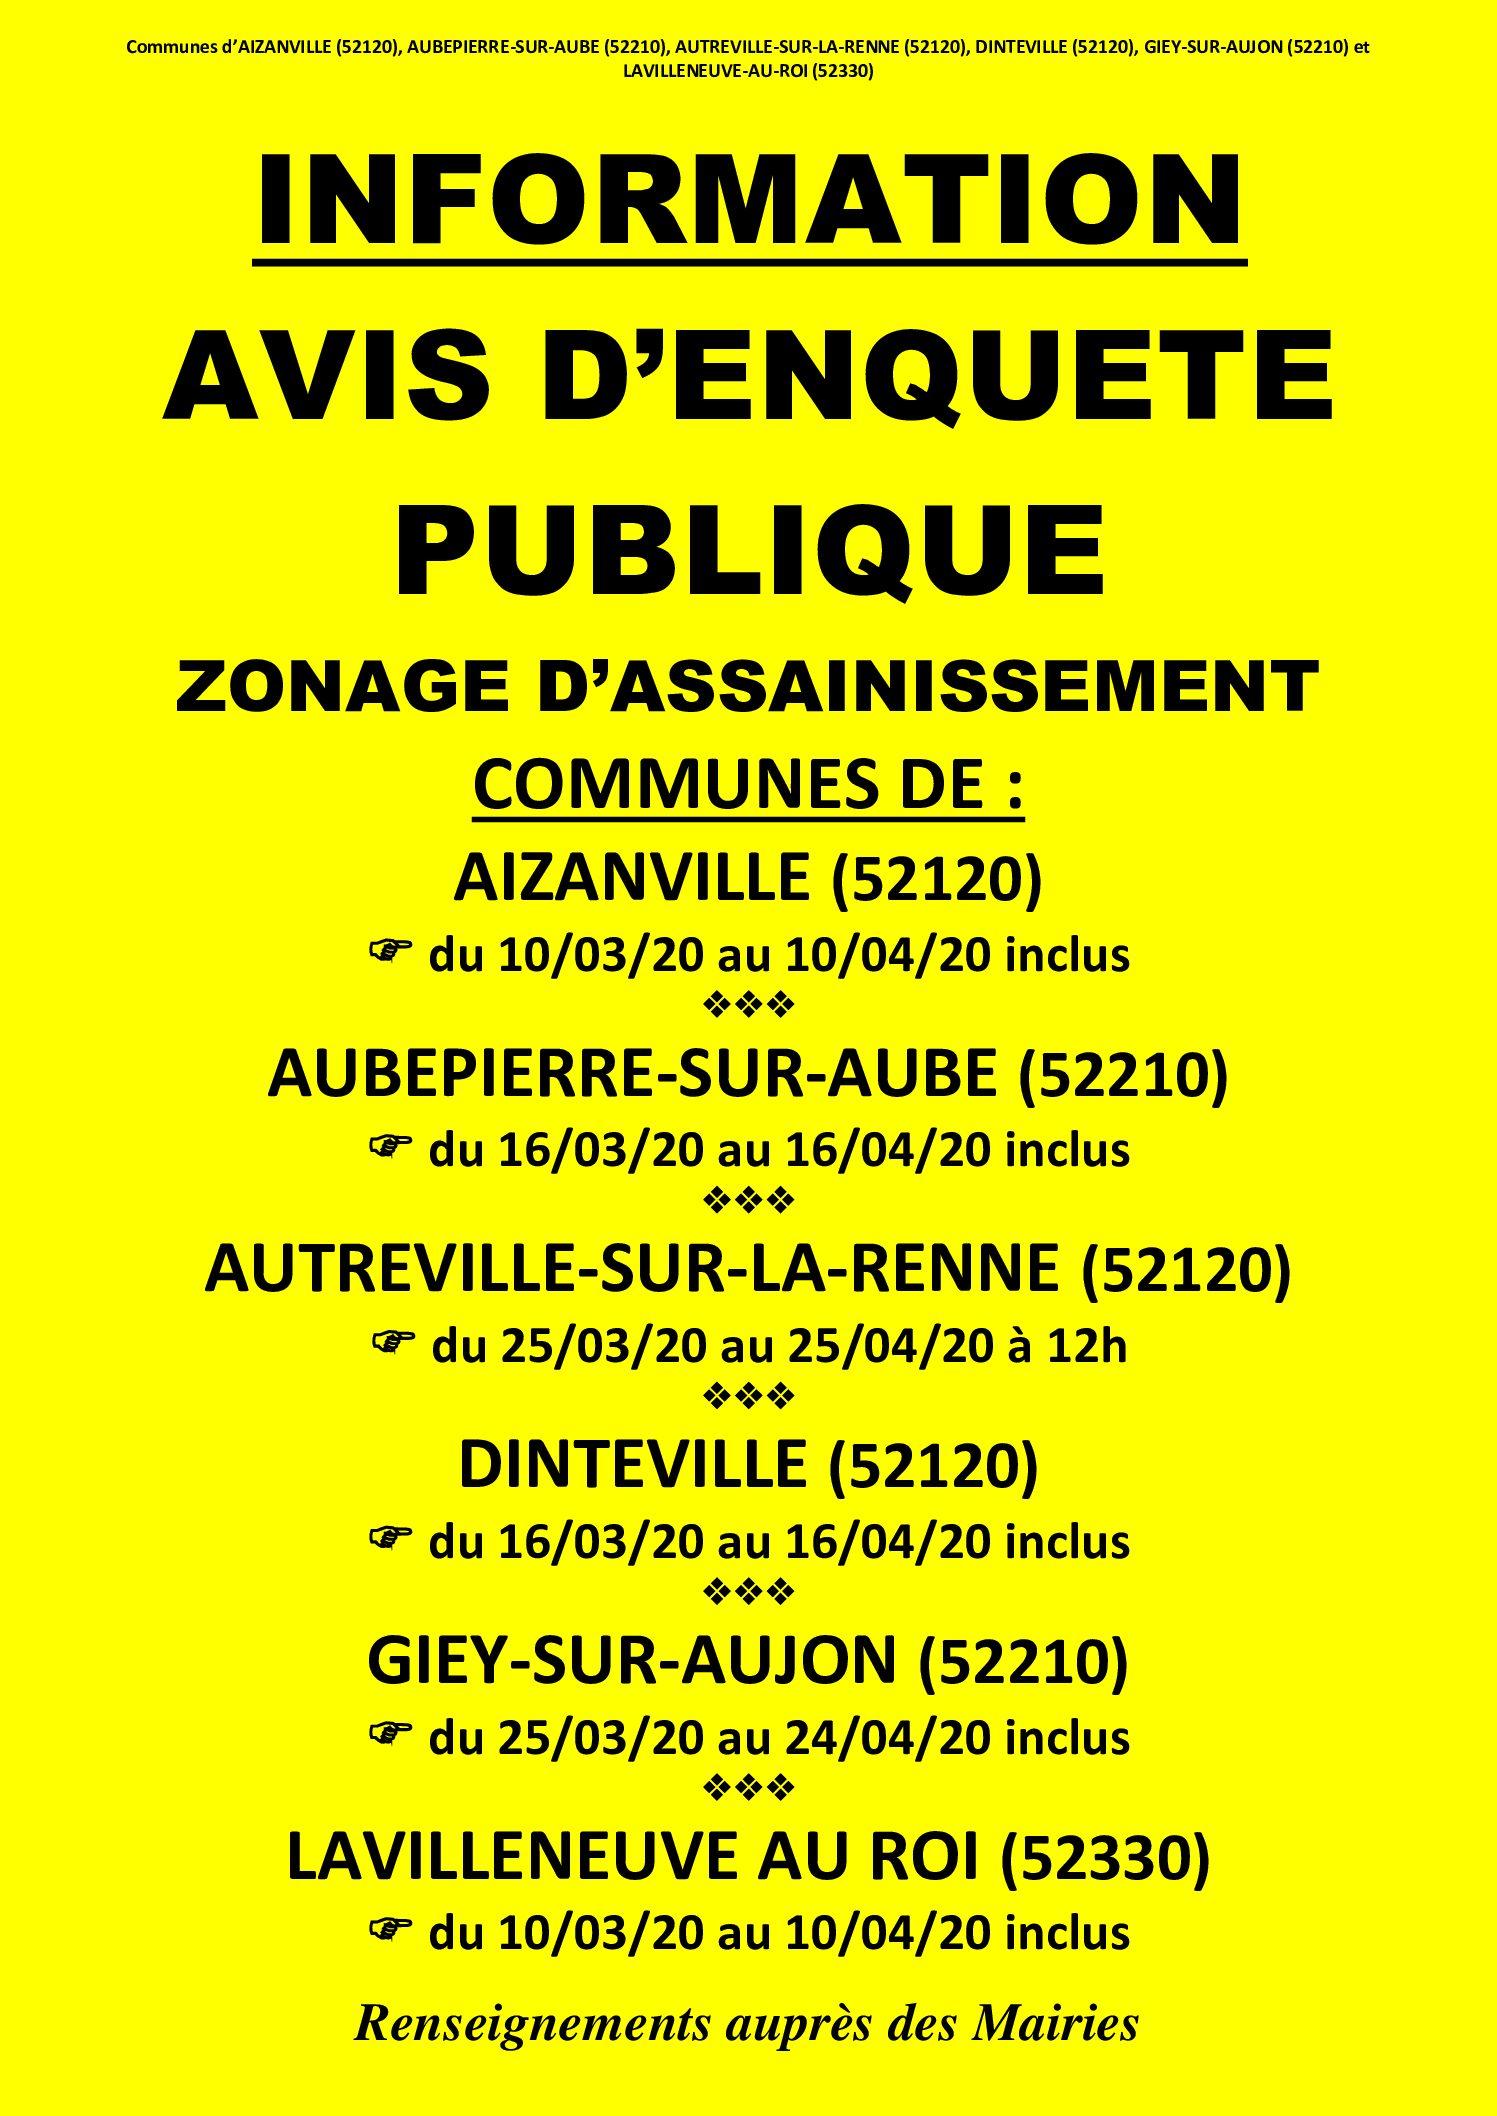 AVIS DE REPRISE D'ENQUÊTE PUBLIQUE – ZONAGE D'ASSAINISSEMENT